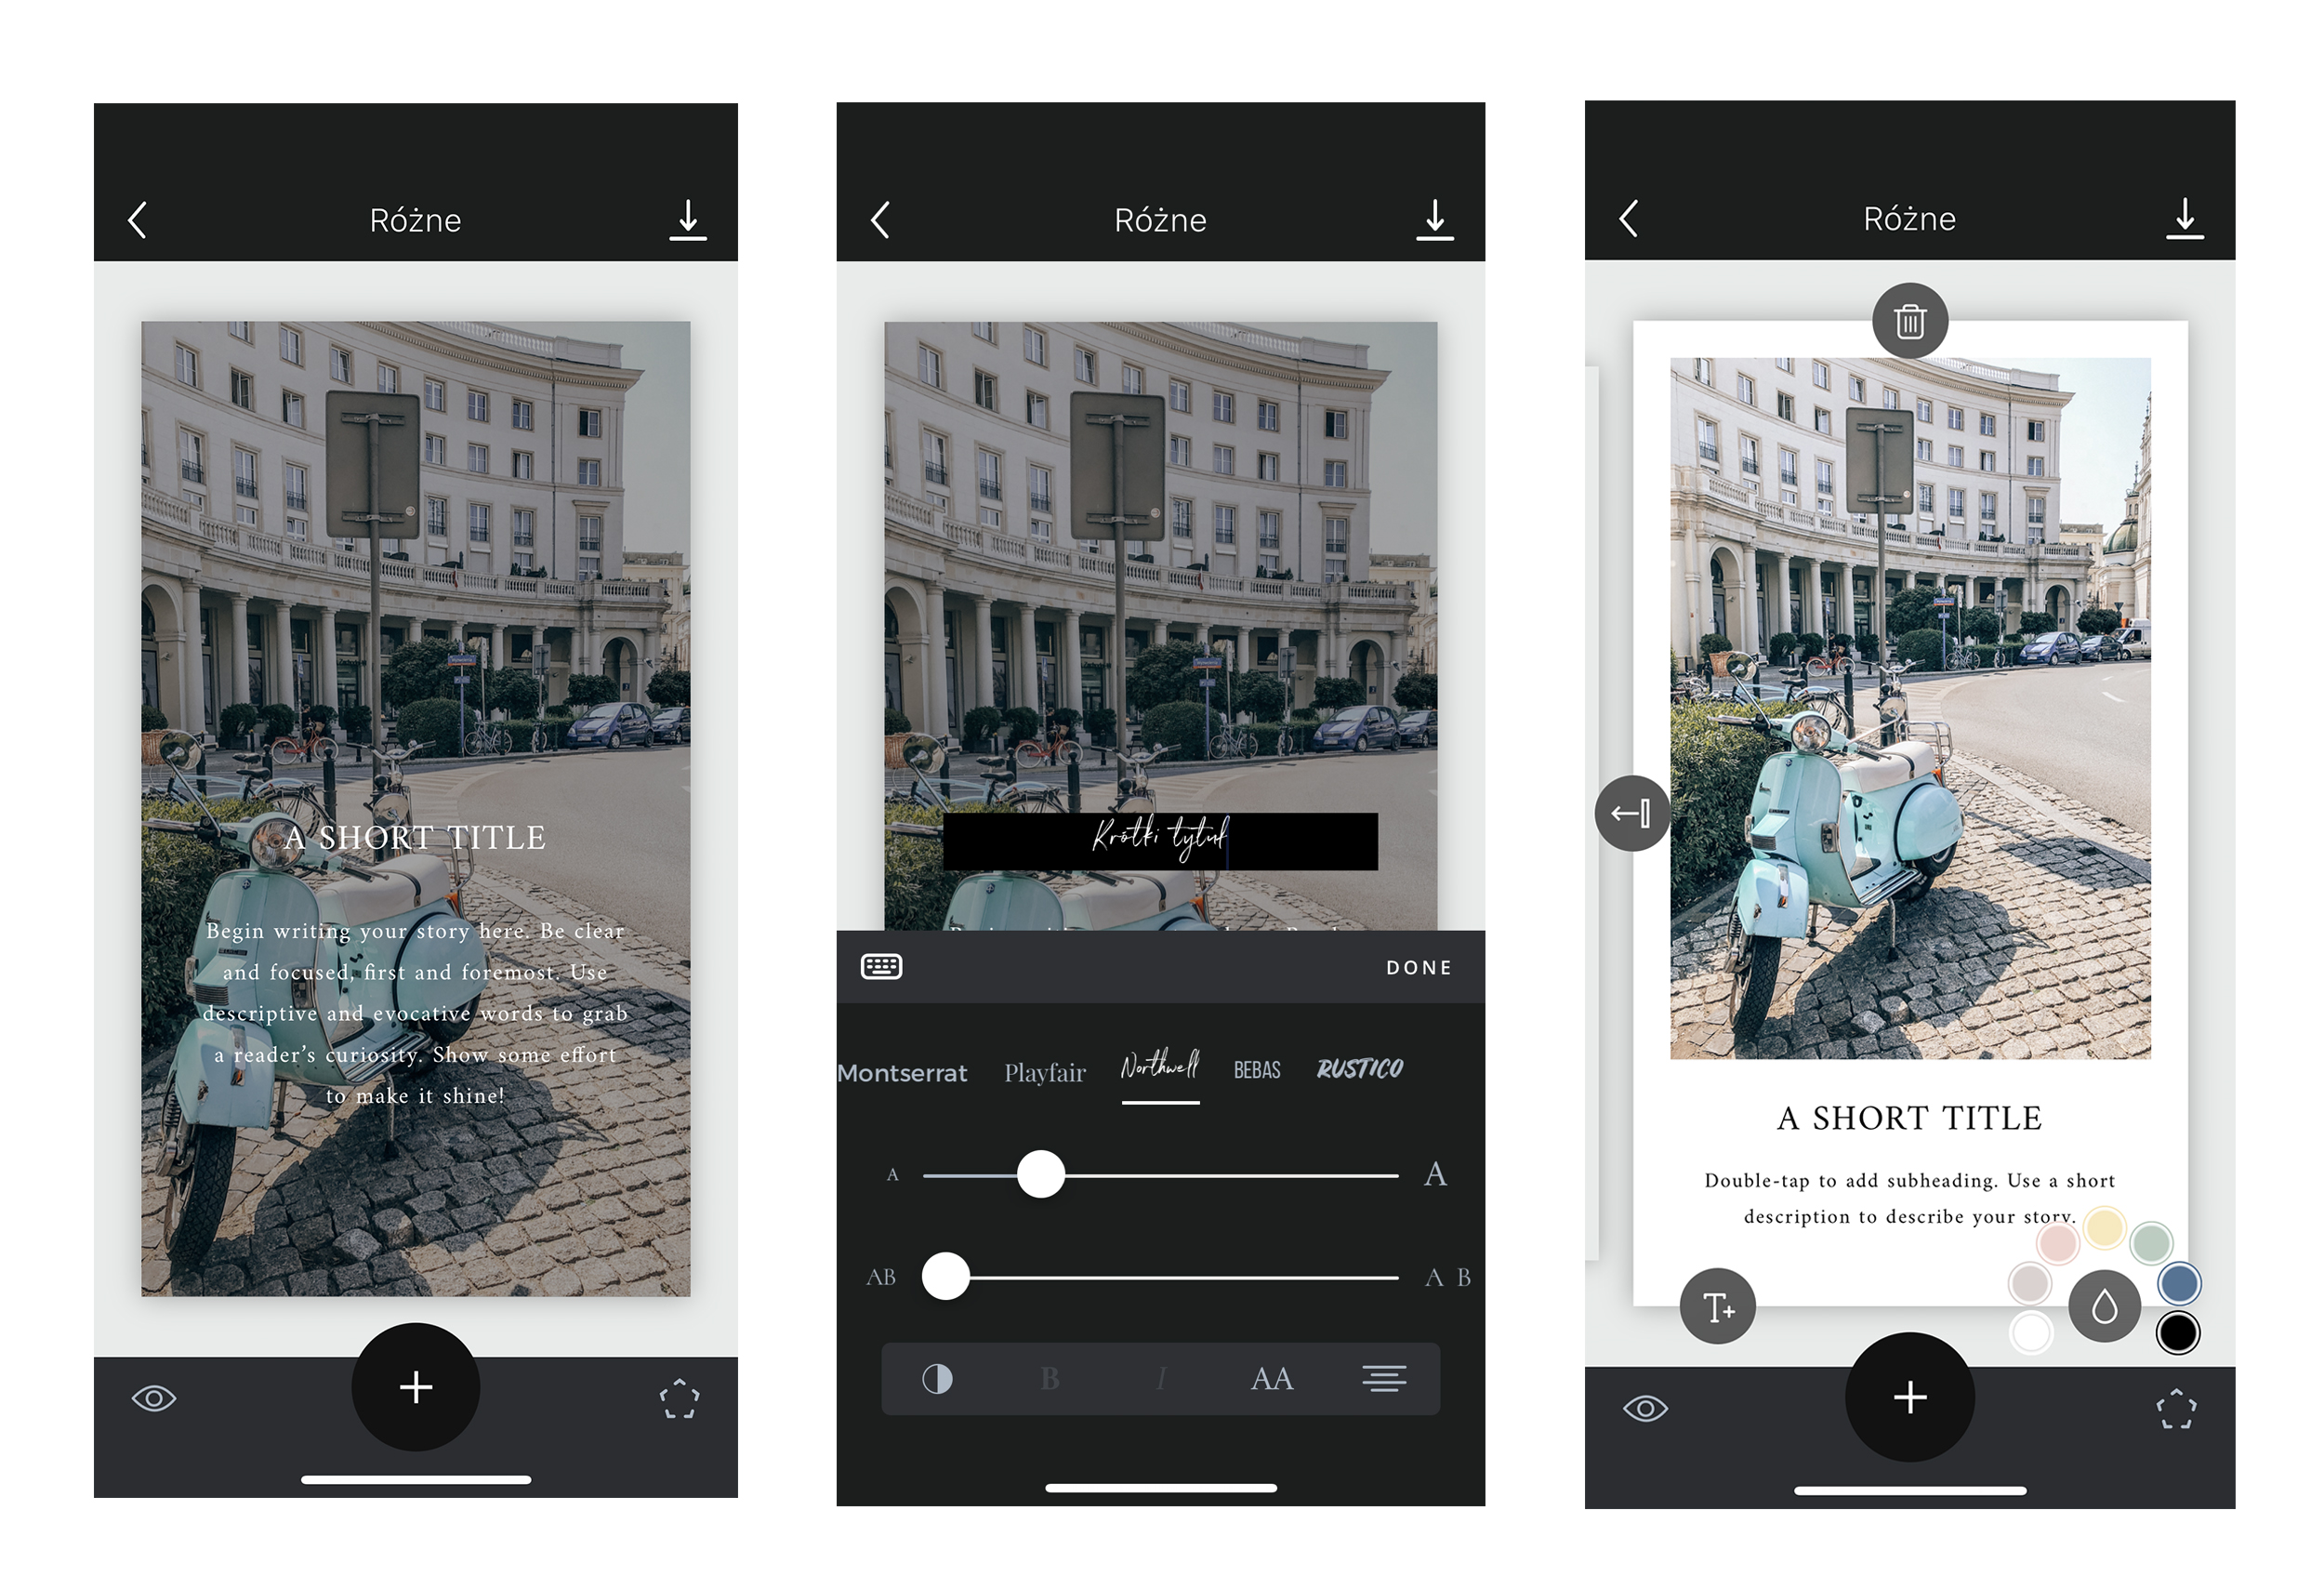 Znalezione obrazy dla zapytania aplikacje do instagrama unfold